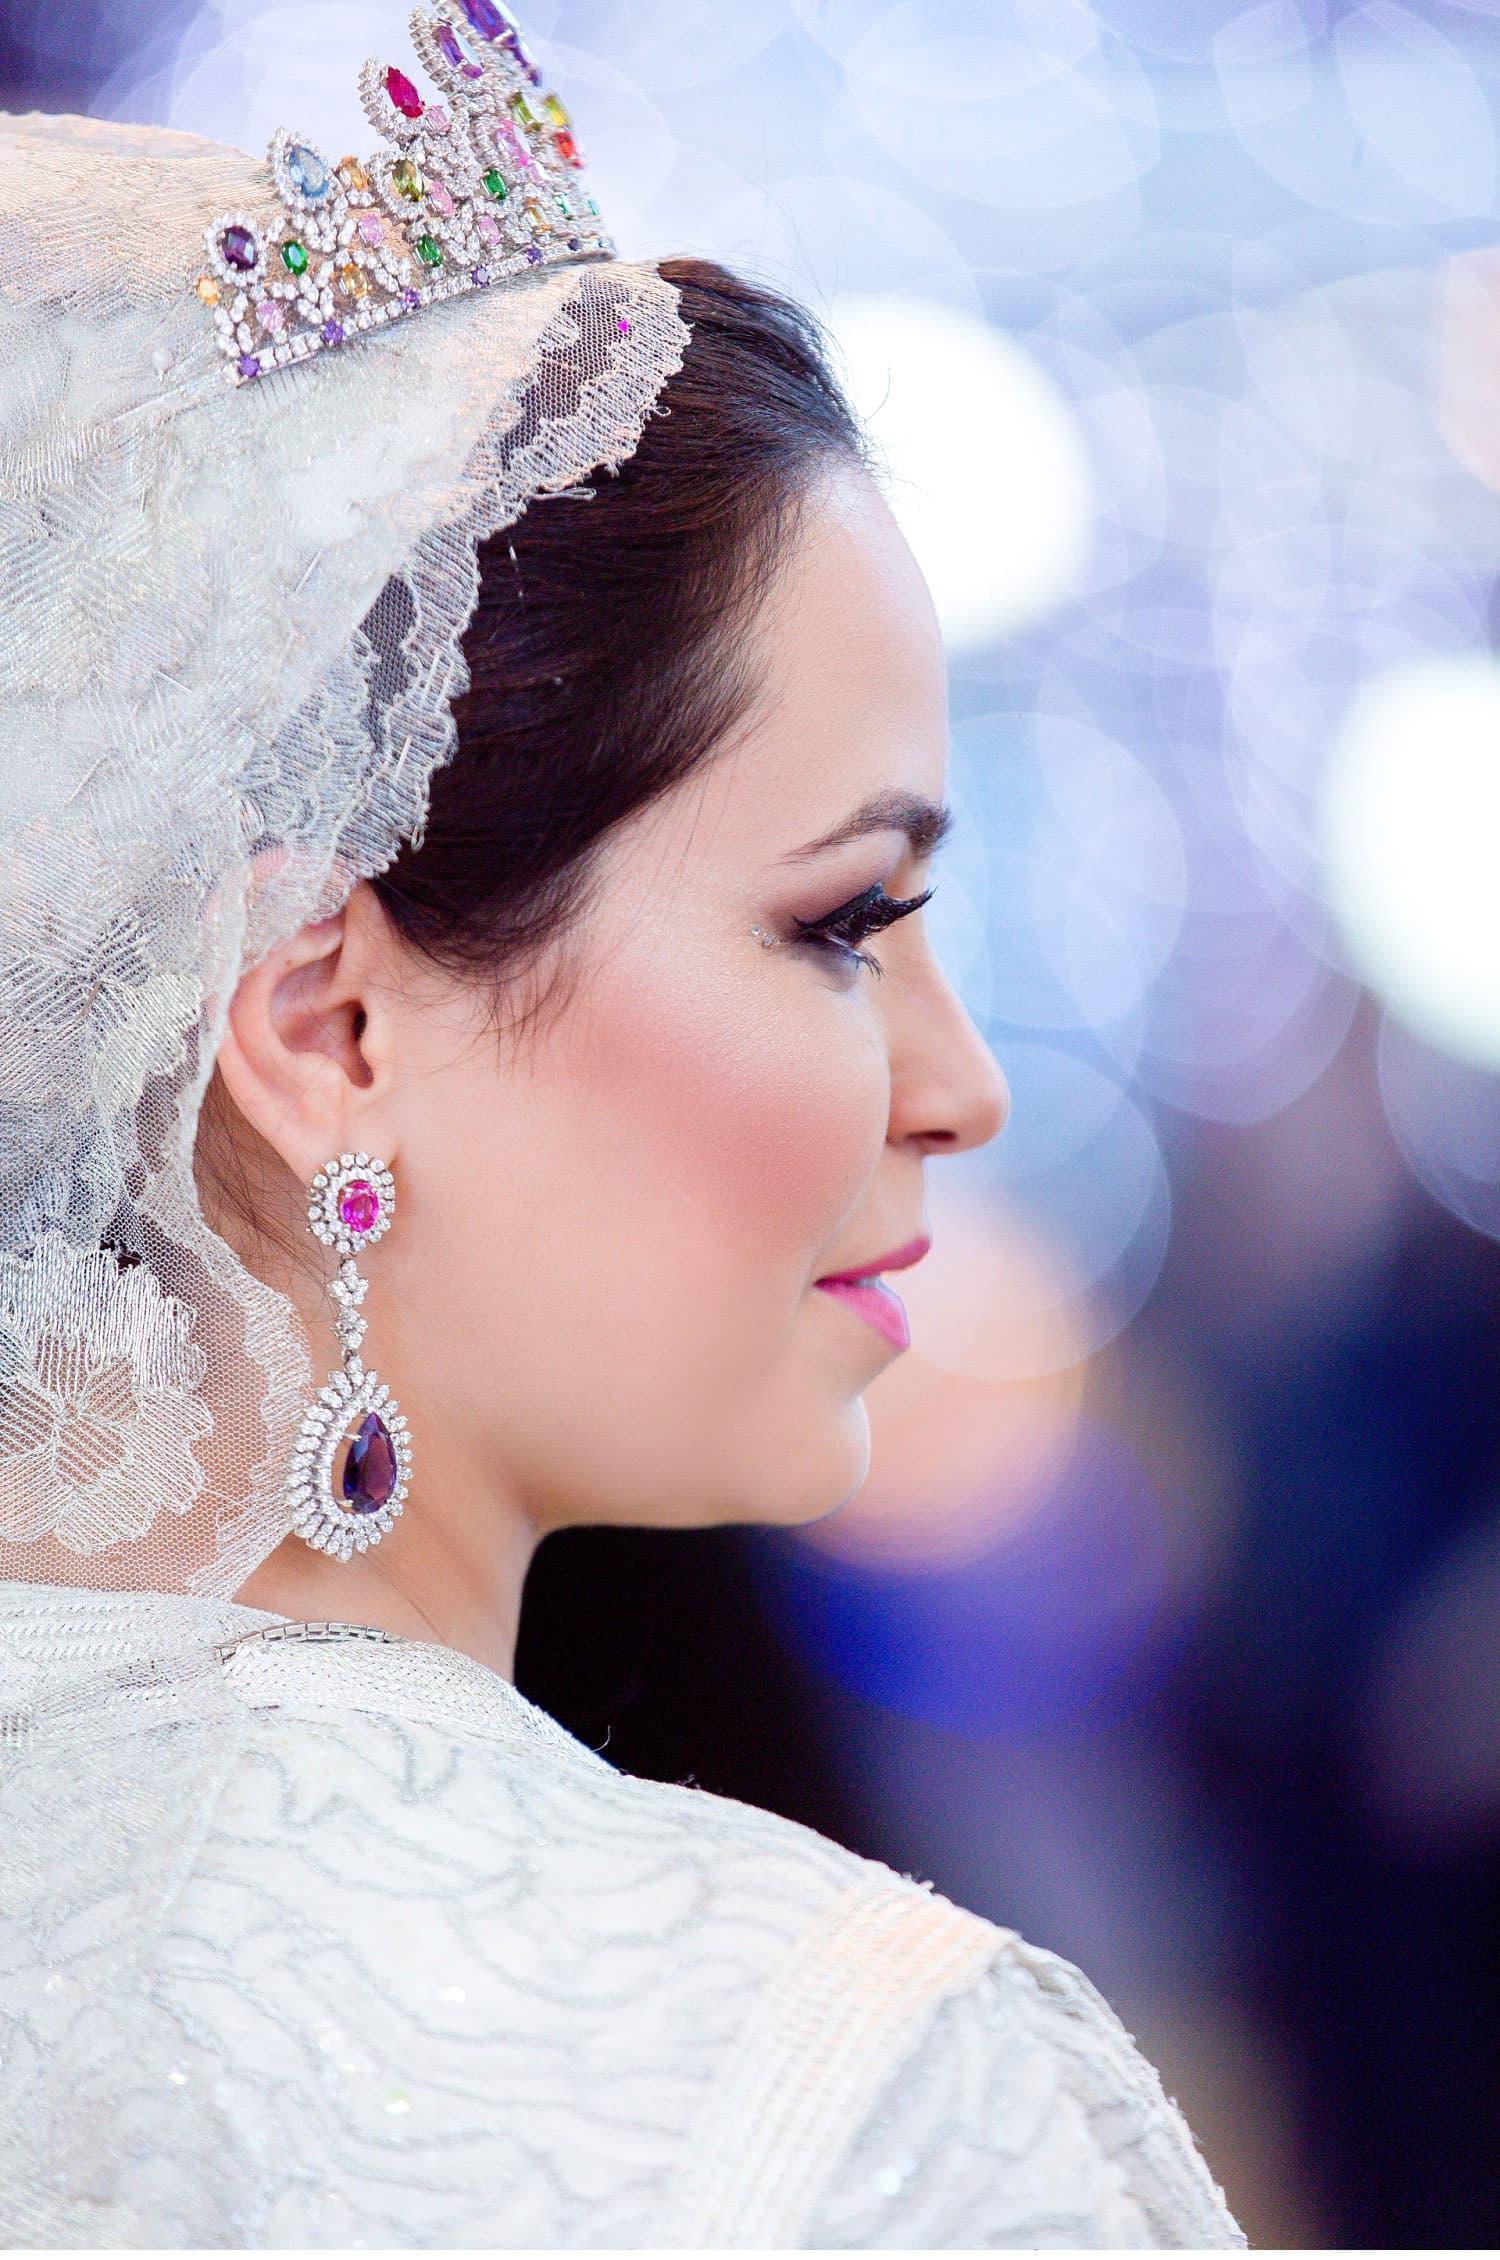 laila yassine mariage wedding fes maroc 27 - Laila & Yassine wedding